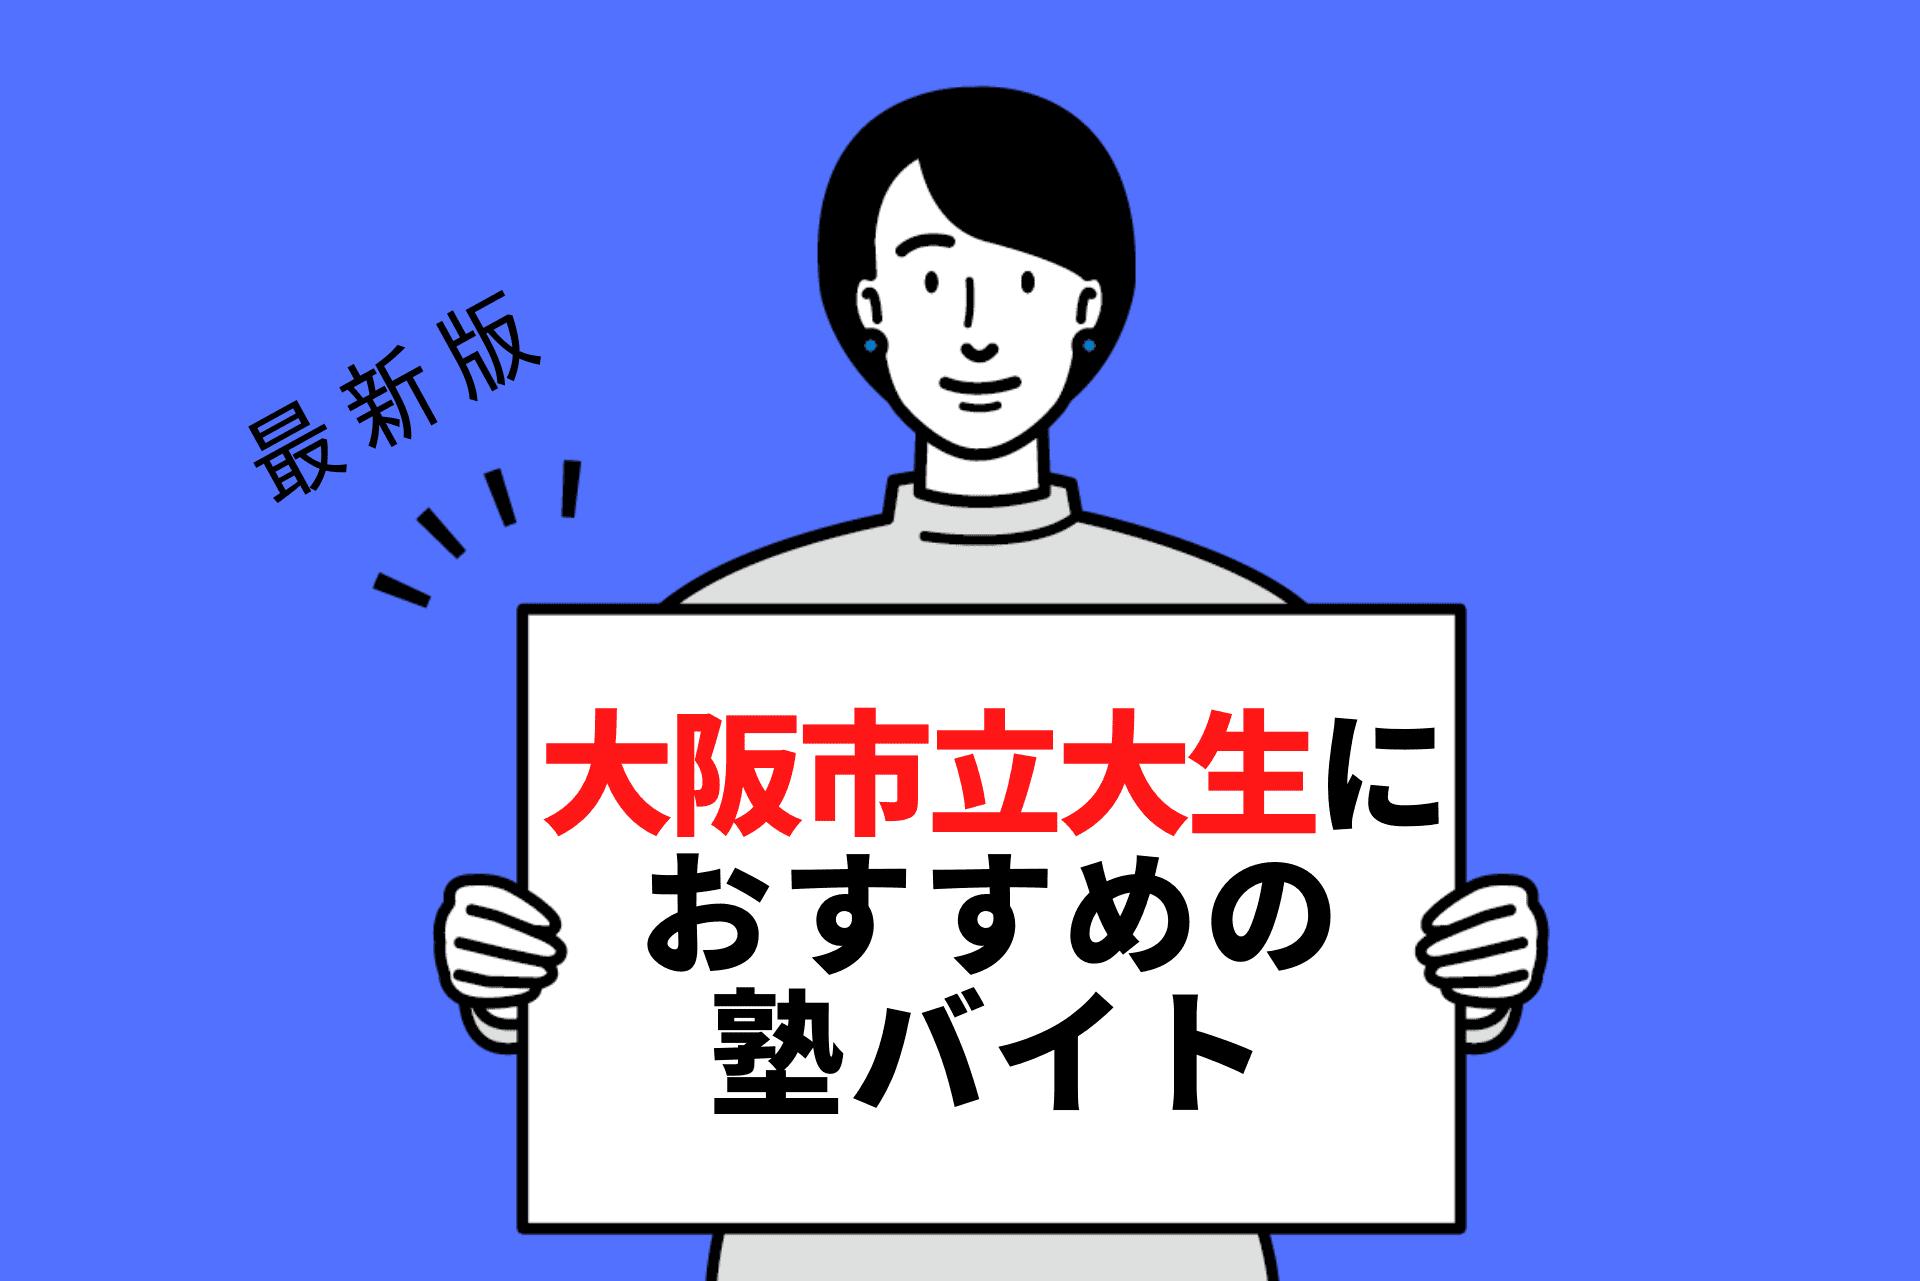 大阪市立大学生におすすめの塾